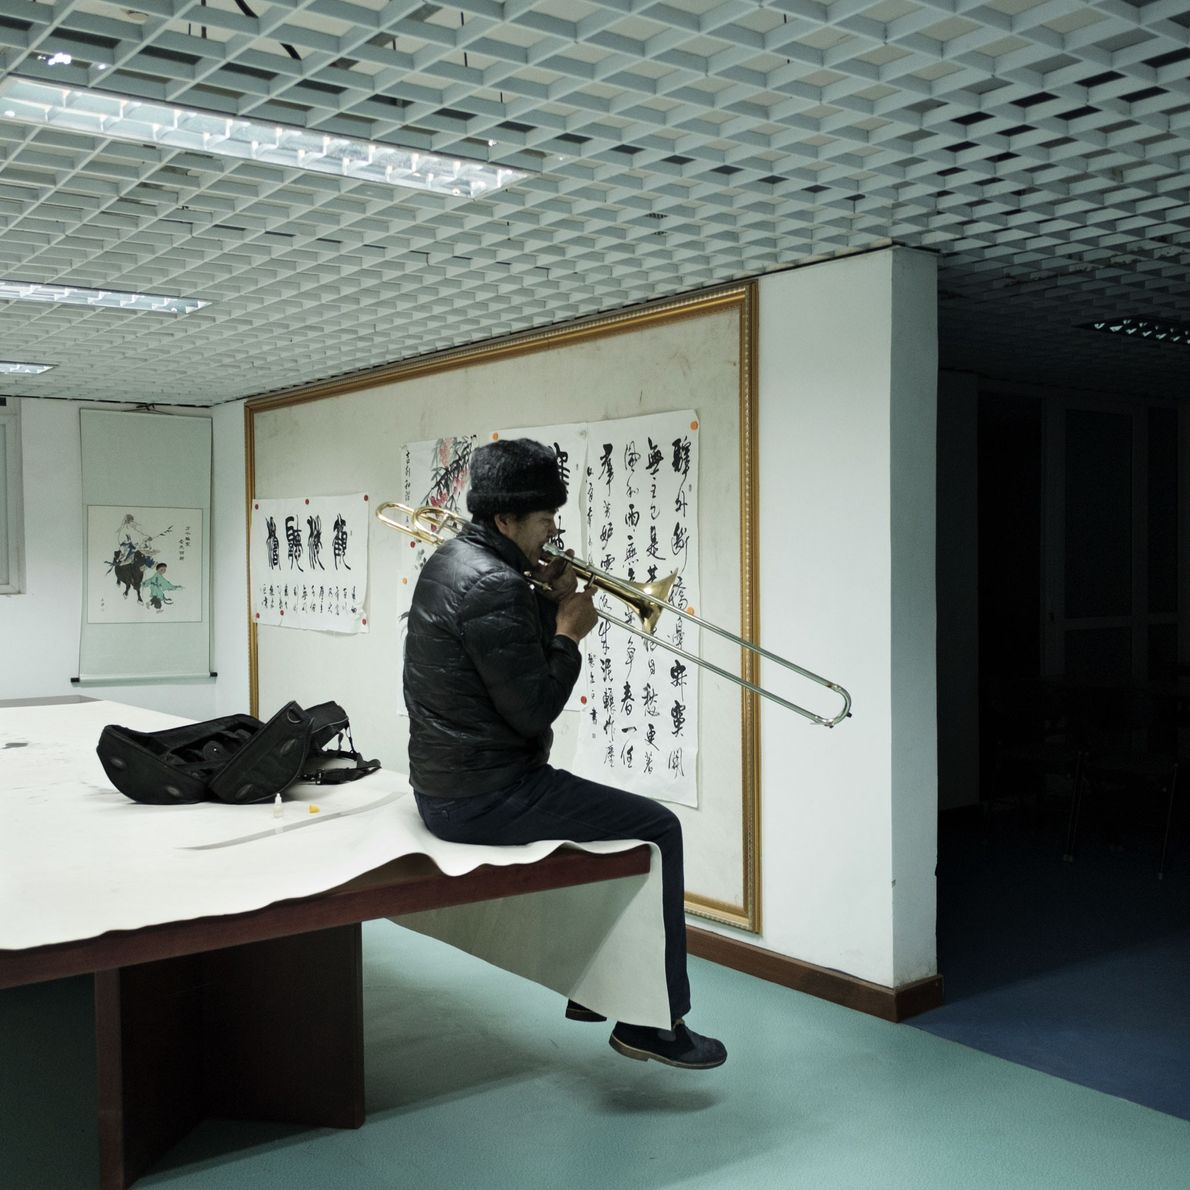 Un músico toca el trombón